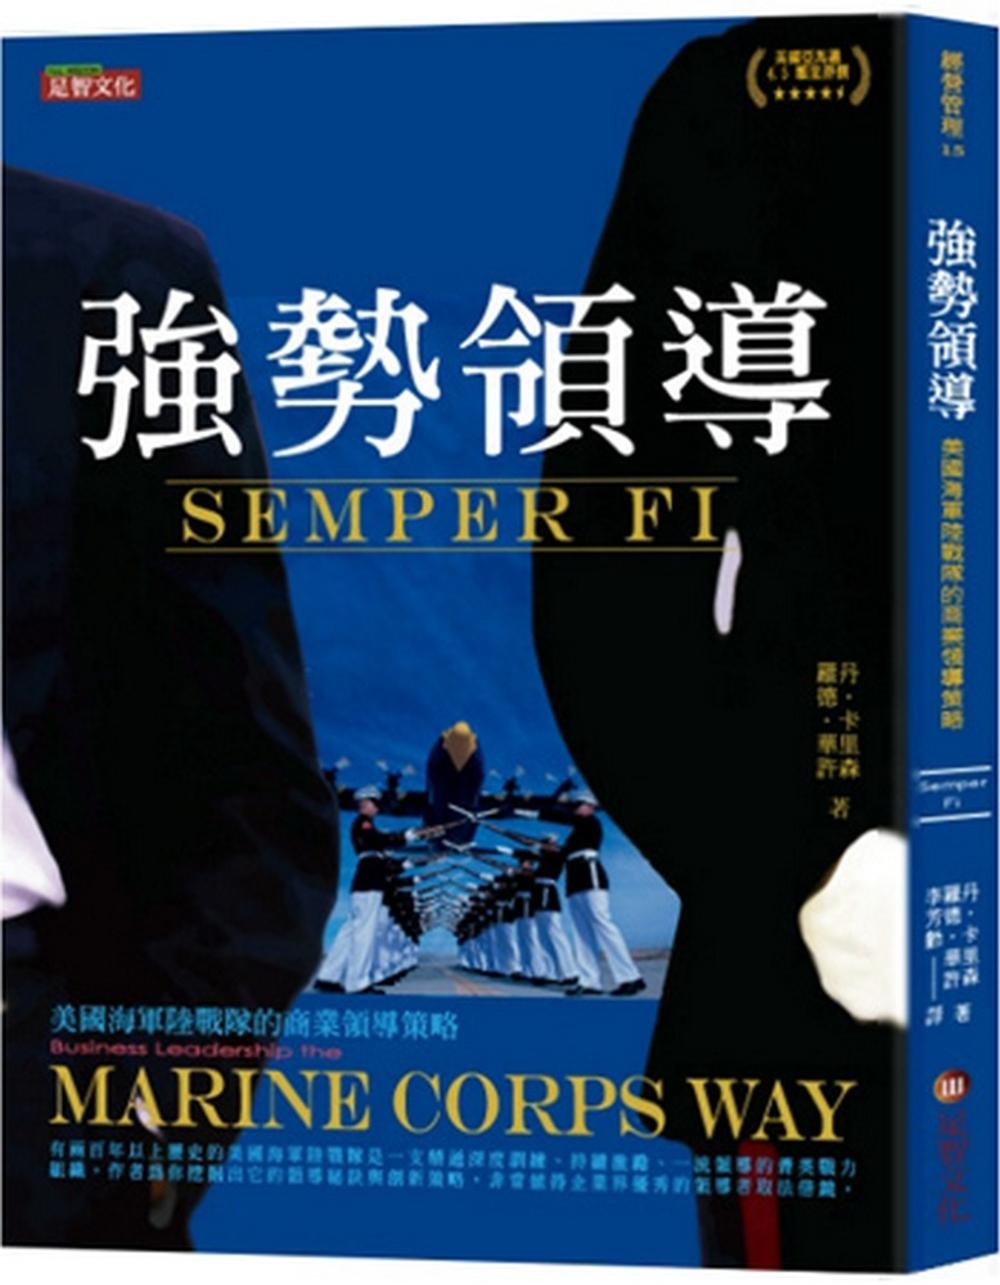 強勢領導:美國海軍陸戰隊的商業領導策略